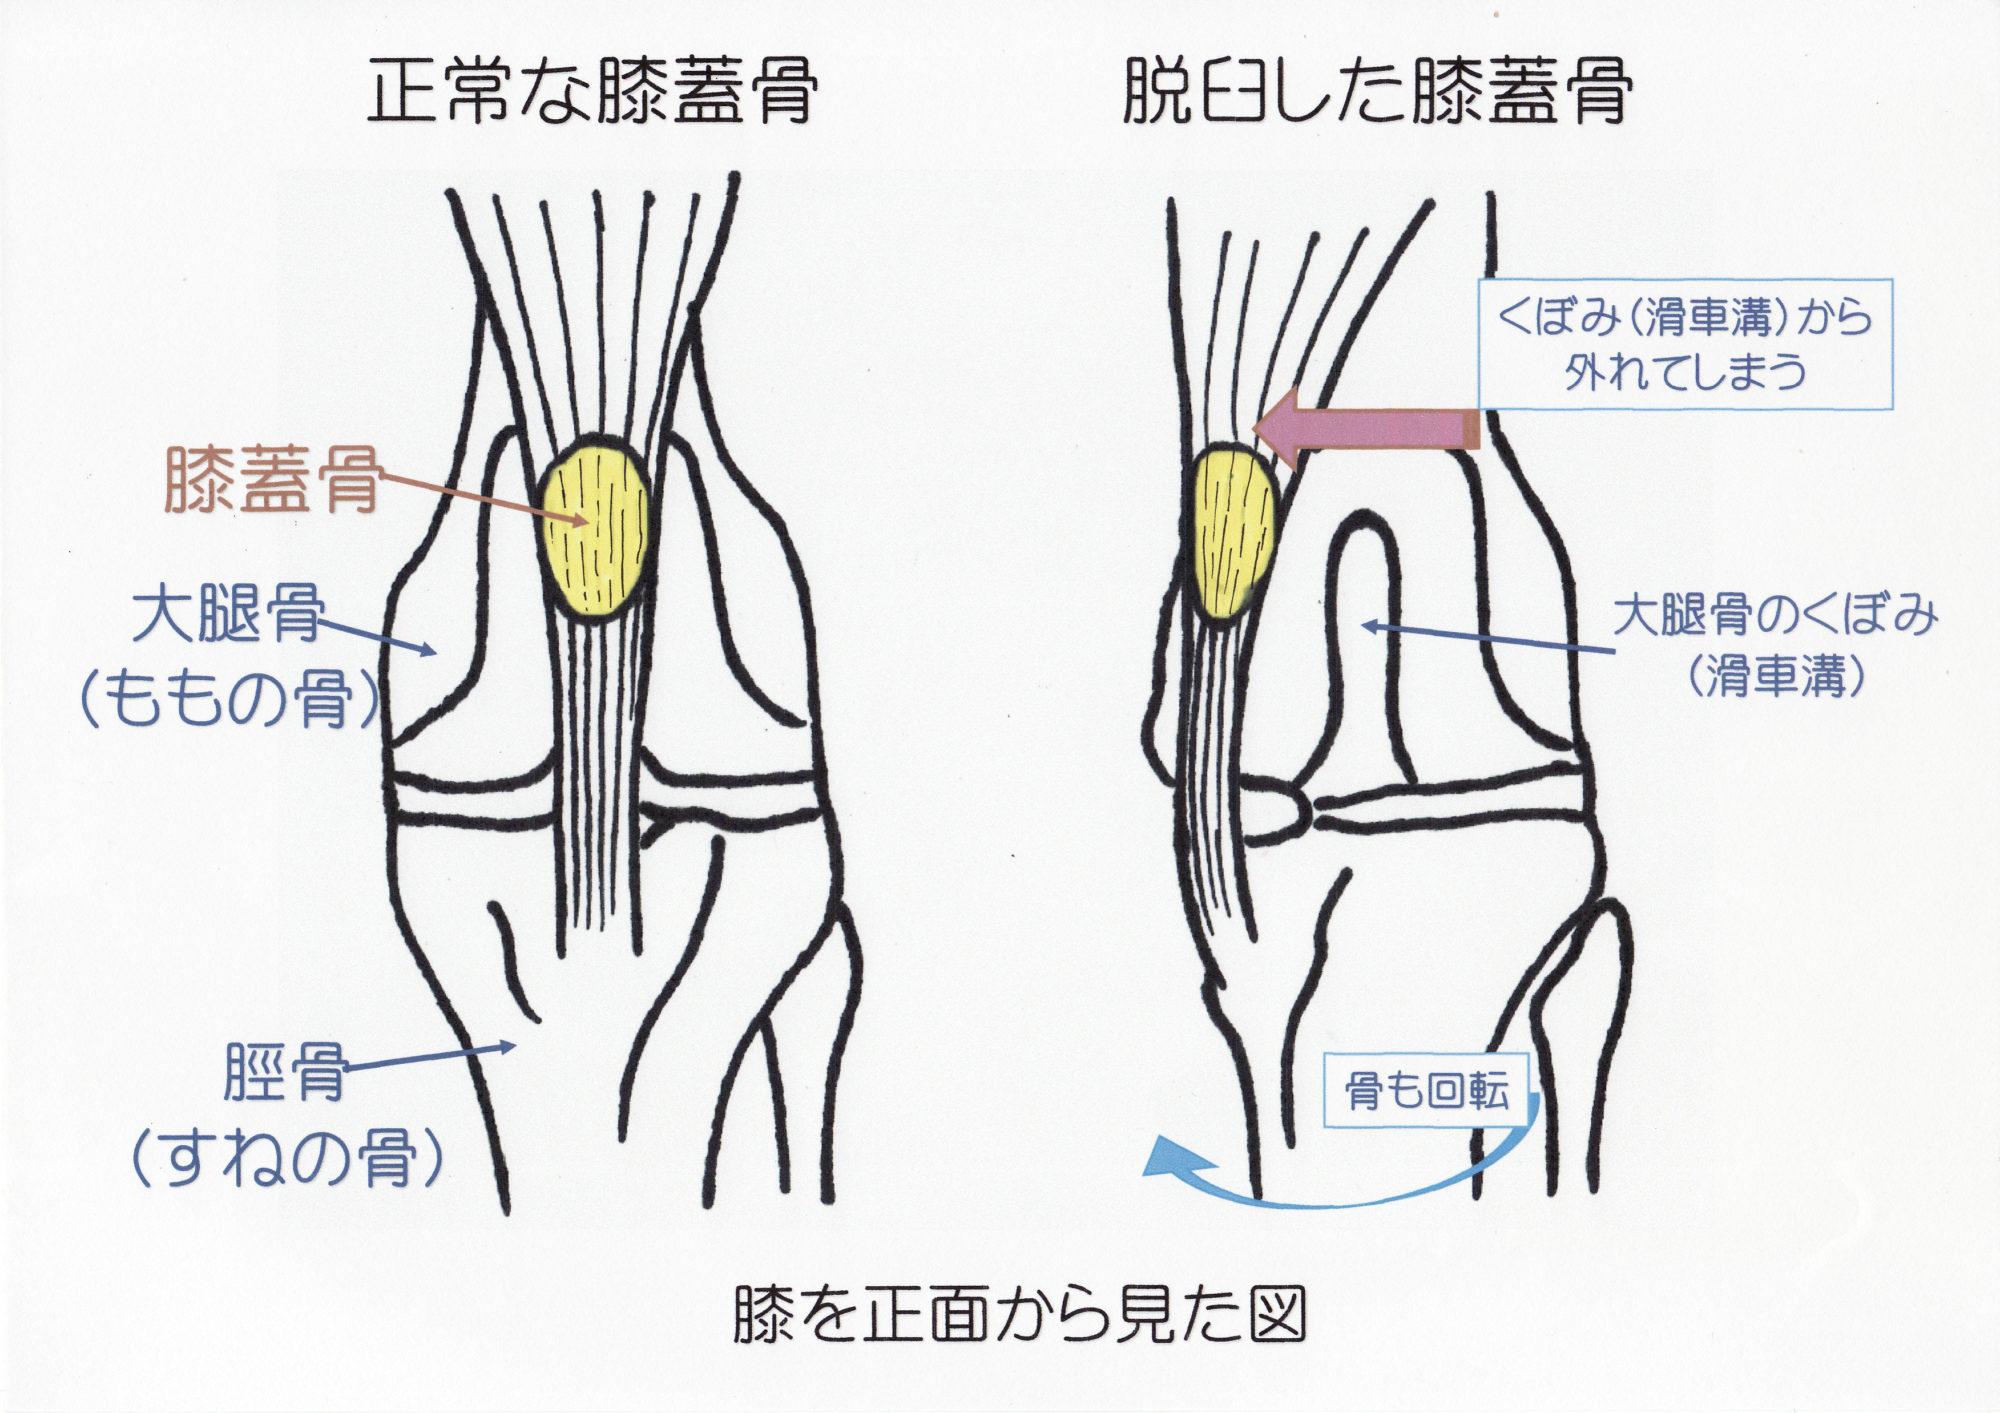 正常な膝蓋骨と脱臼した膝蓋骨の図